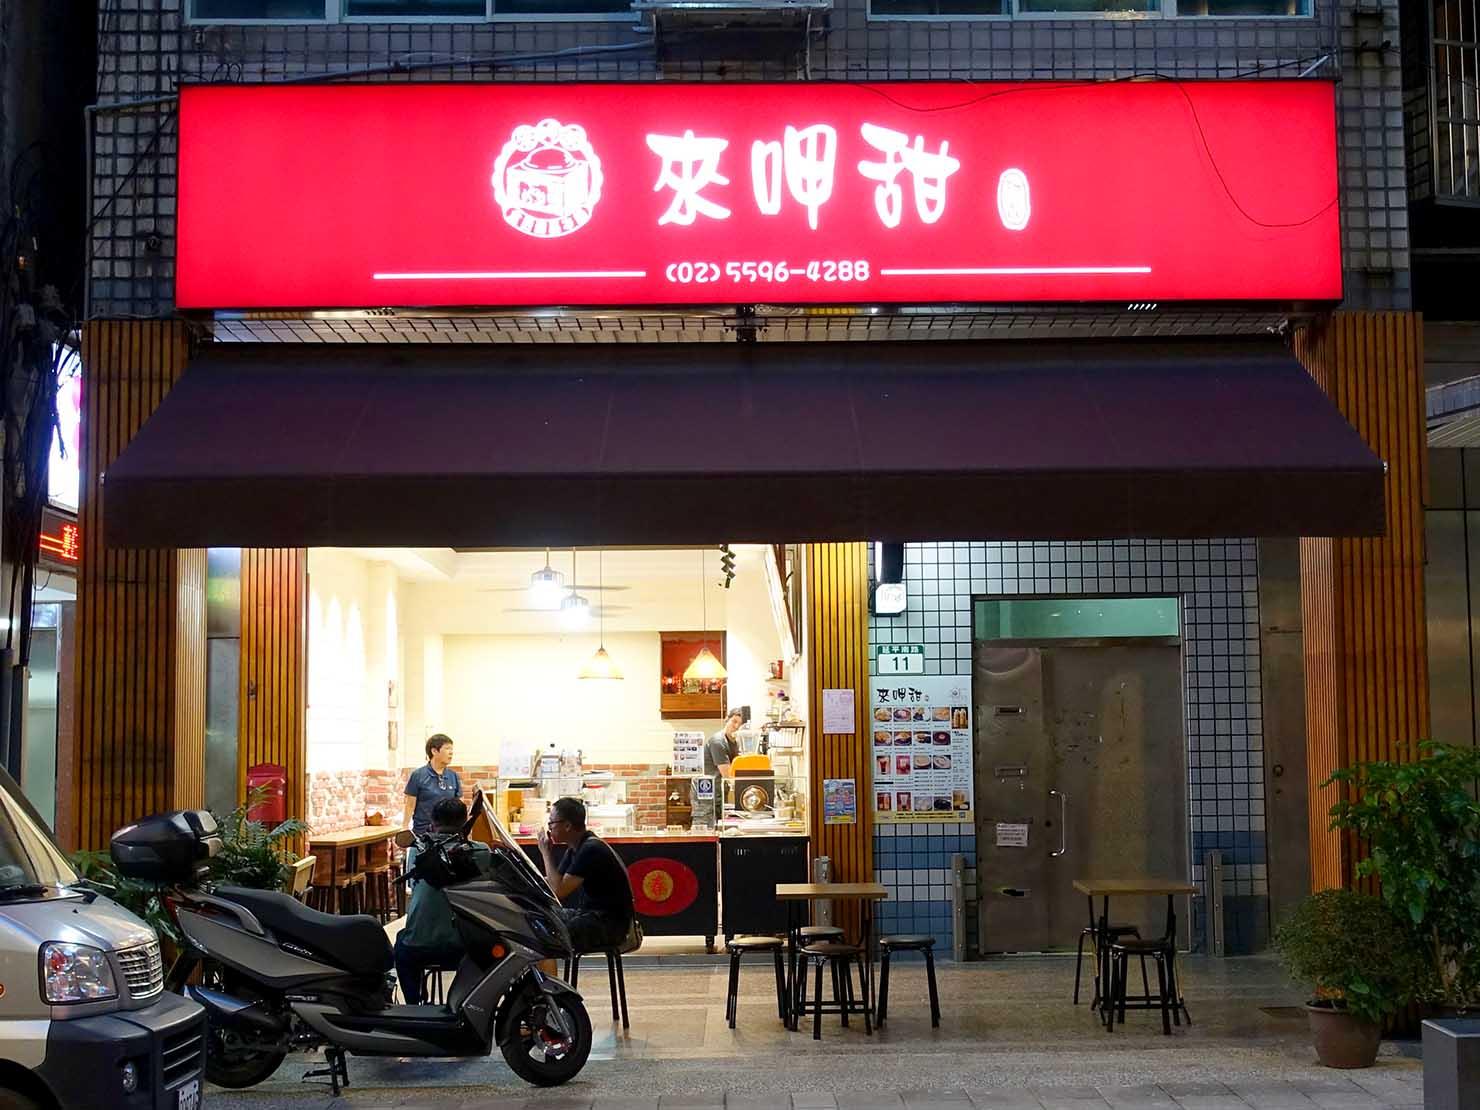 台北・西門町のおすすめデザート店「來呷甜甜品」の外観